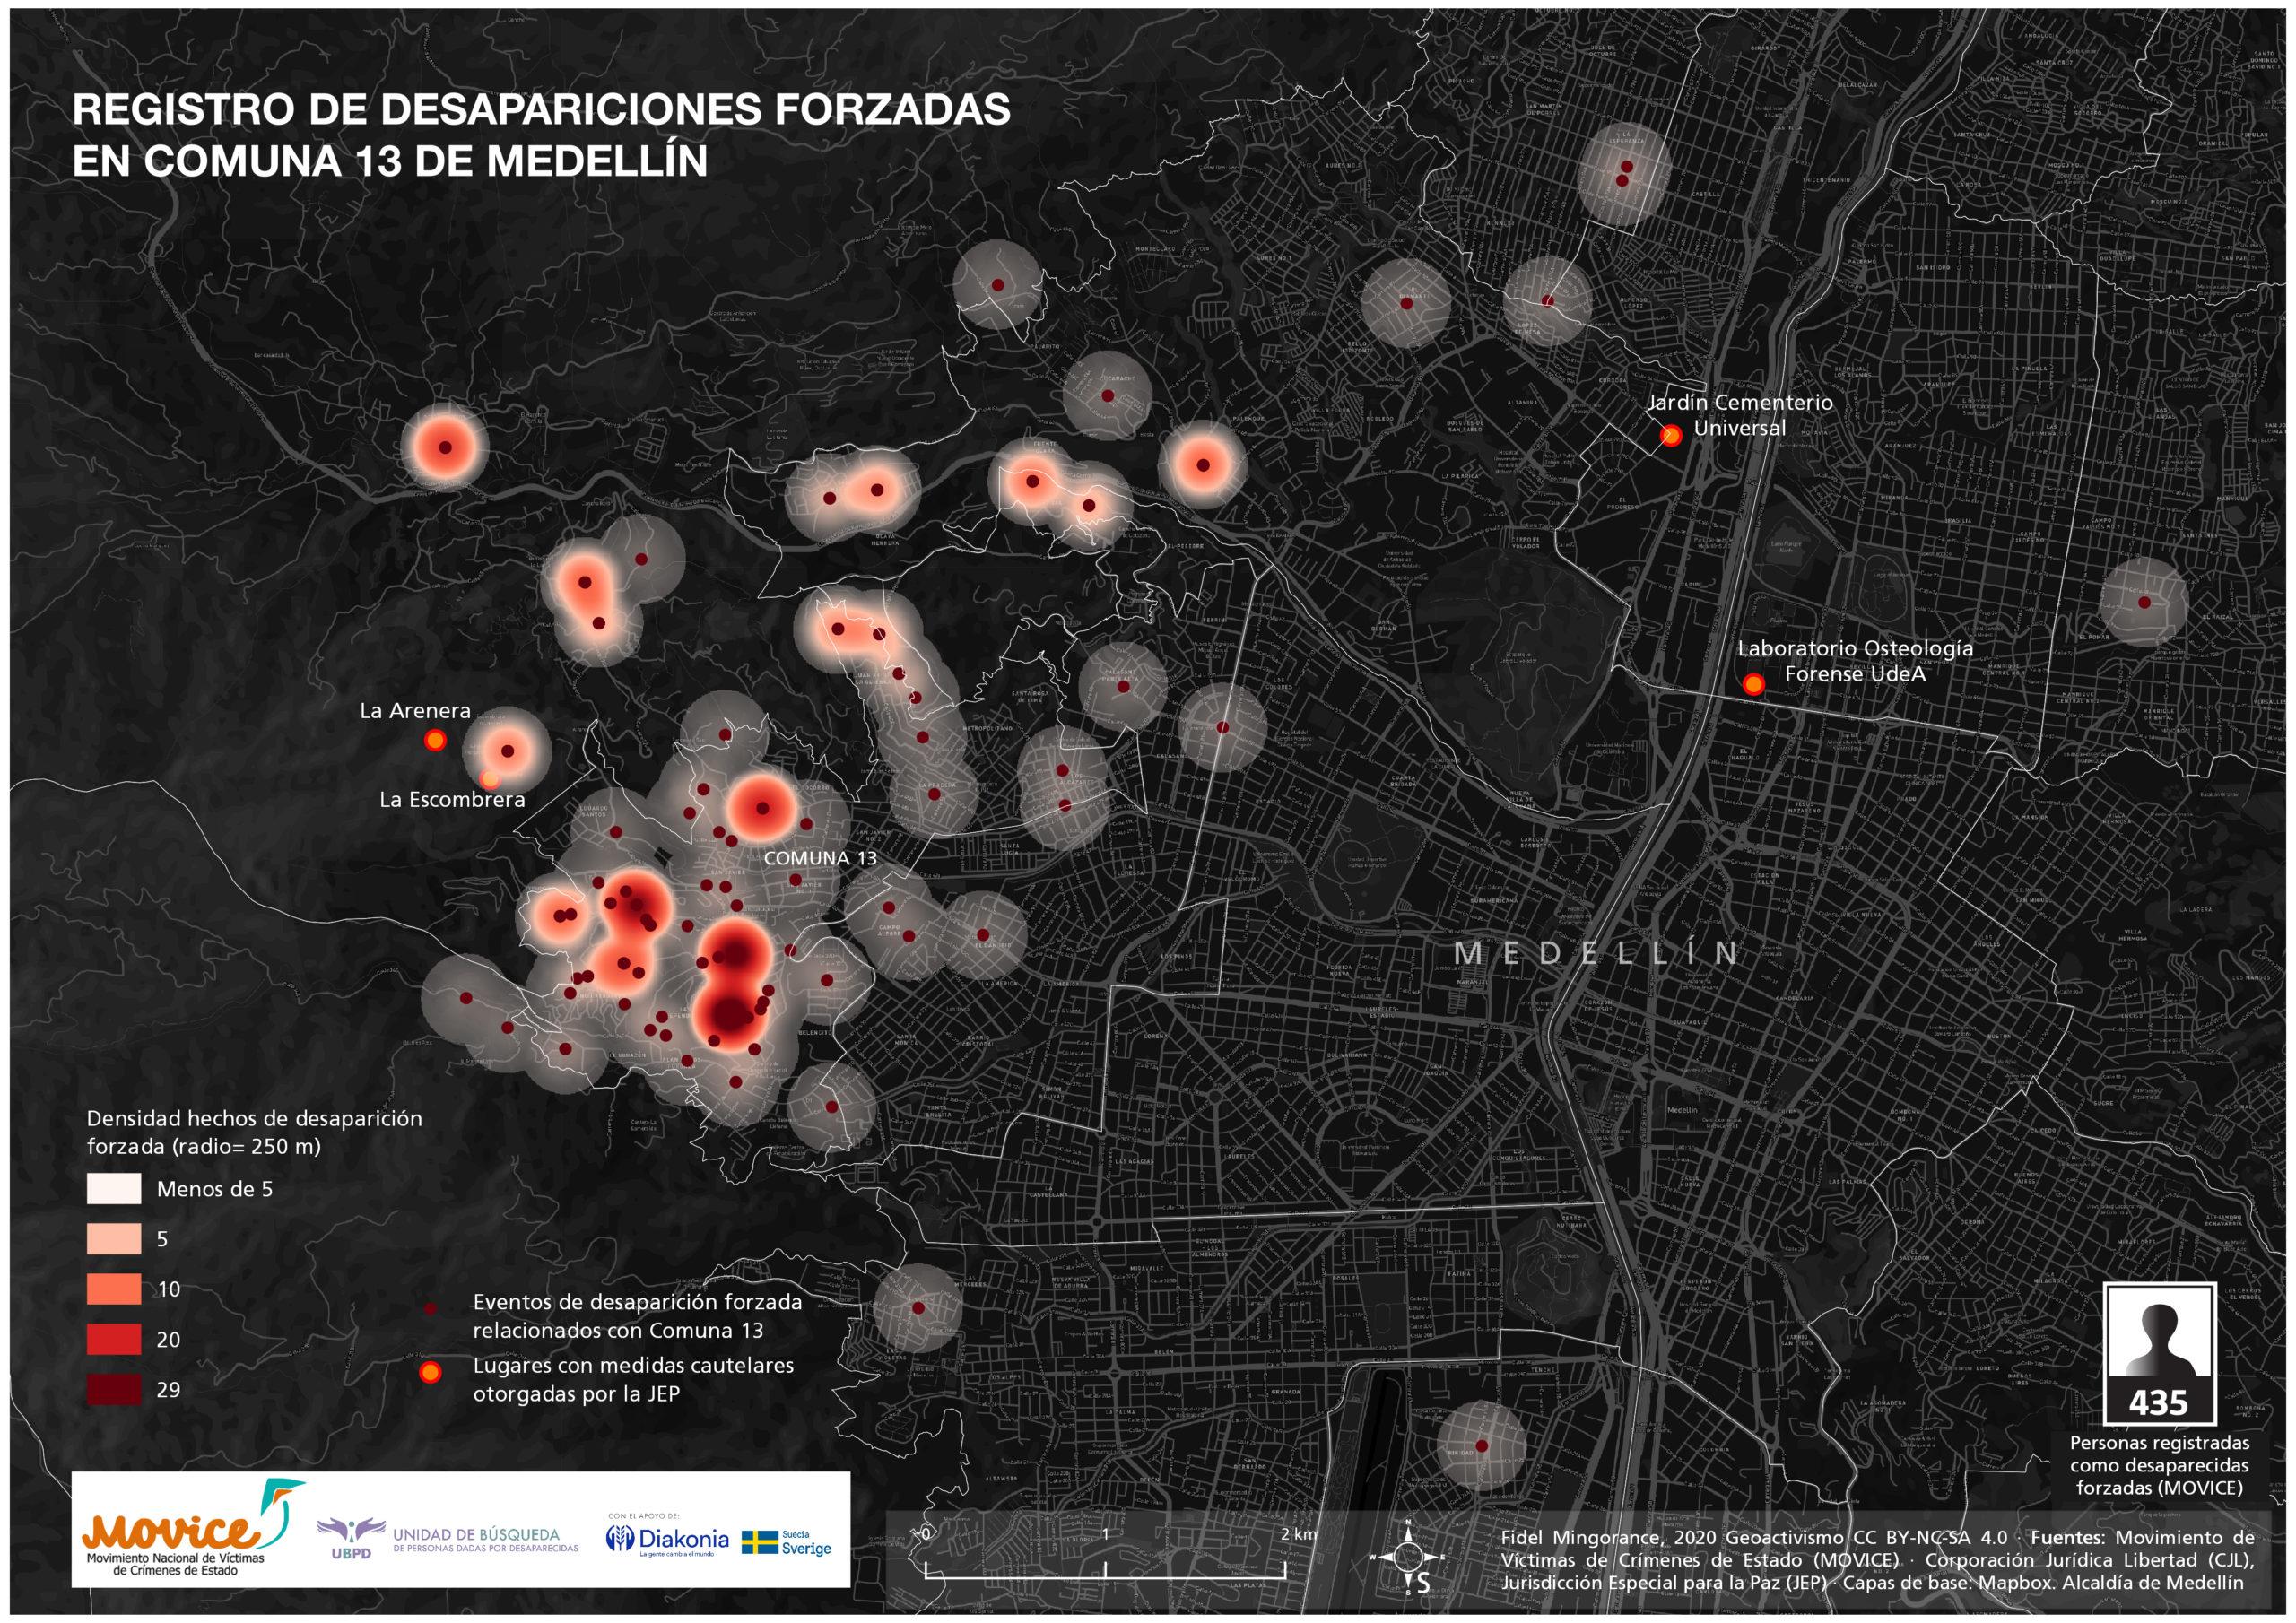 registro desapariciones forzadas Comuna 13